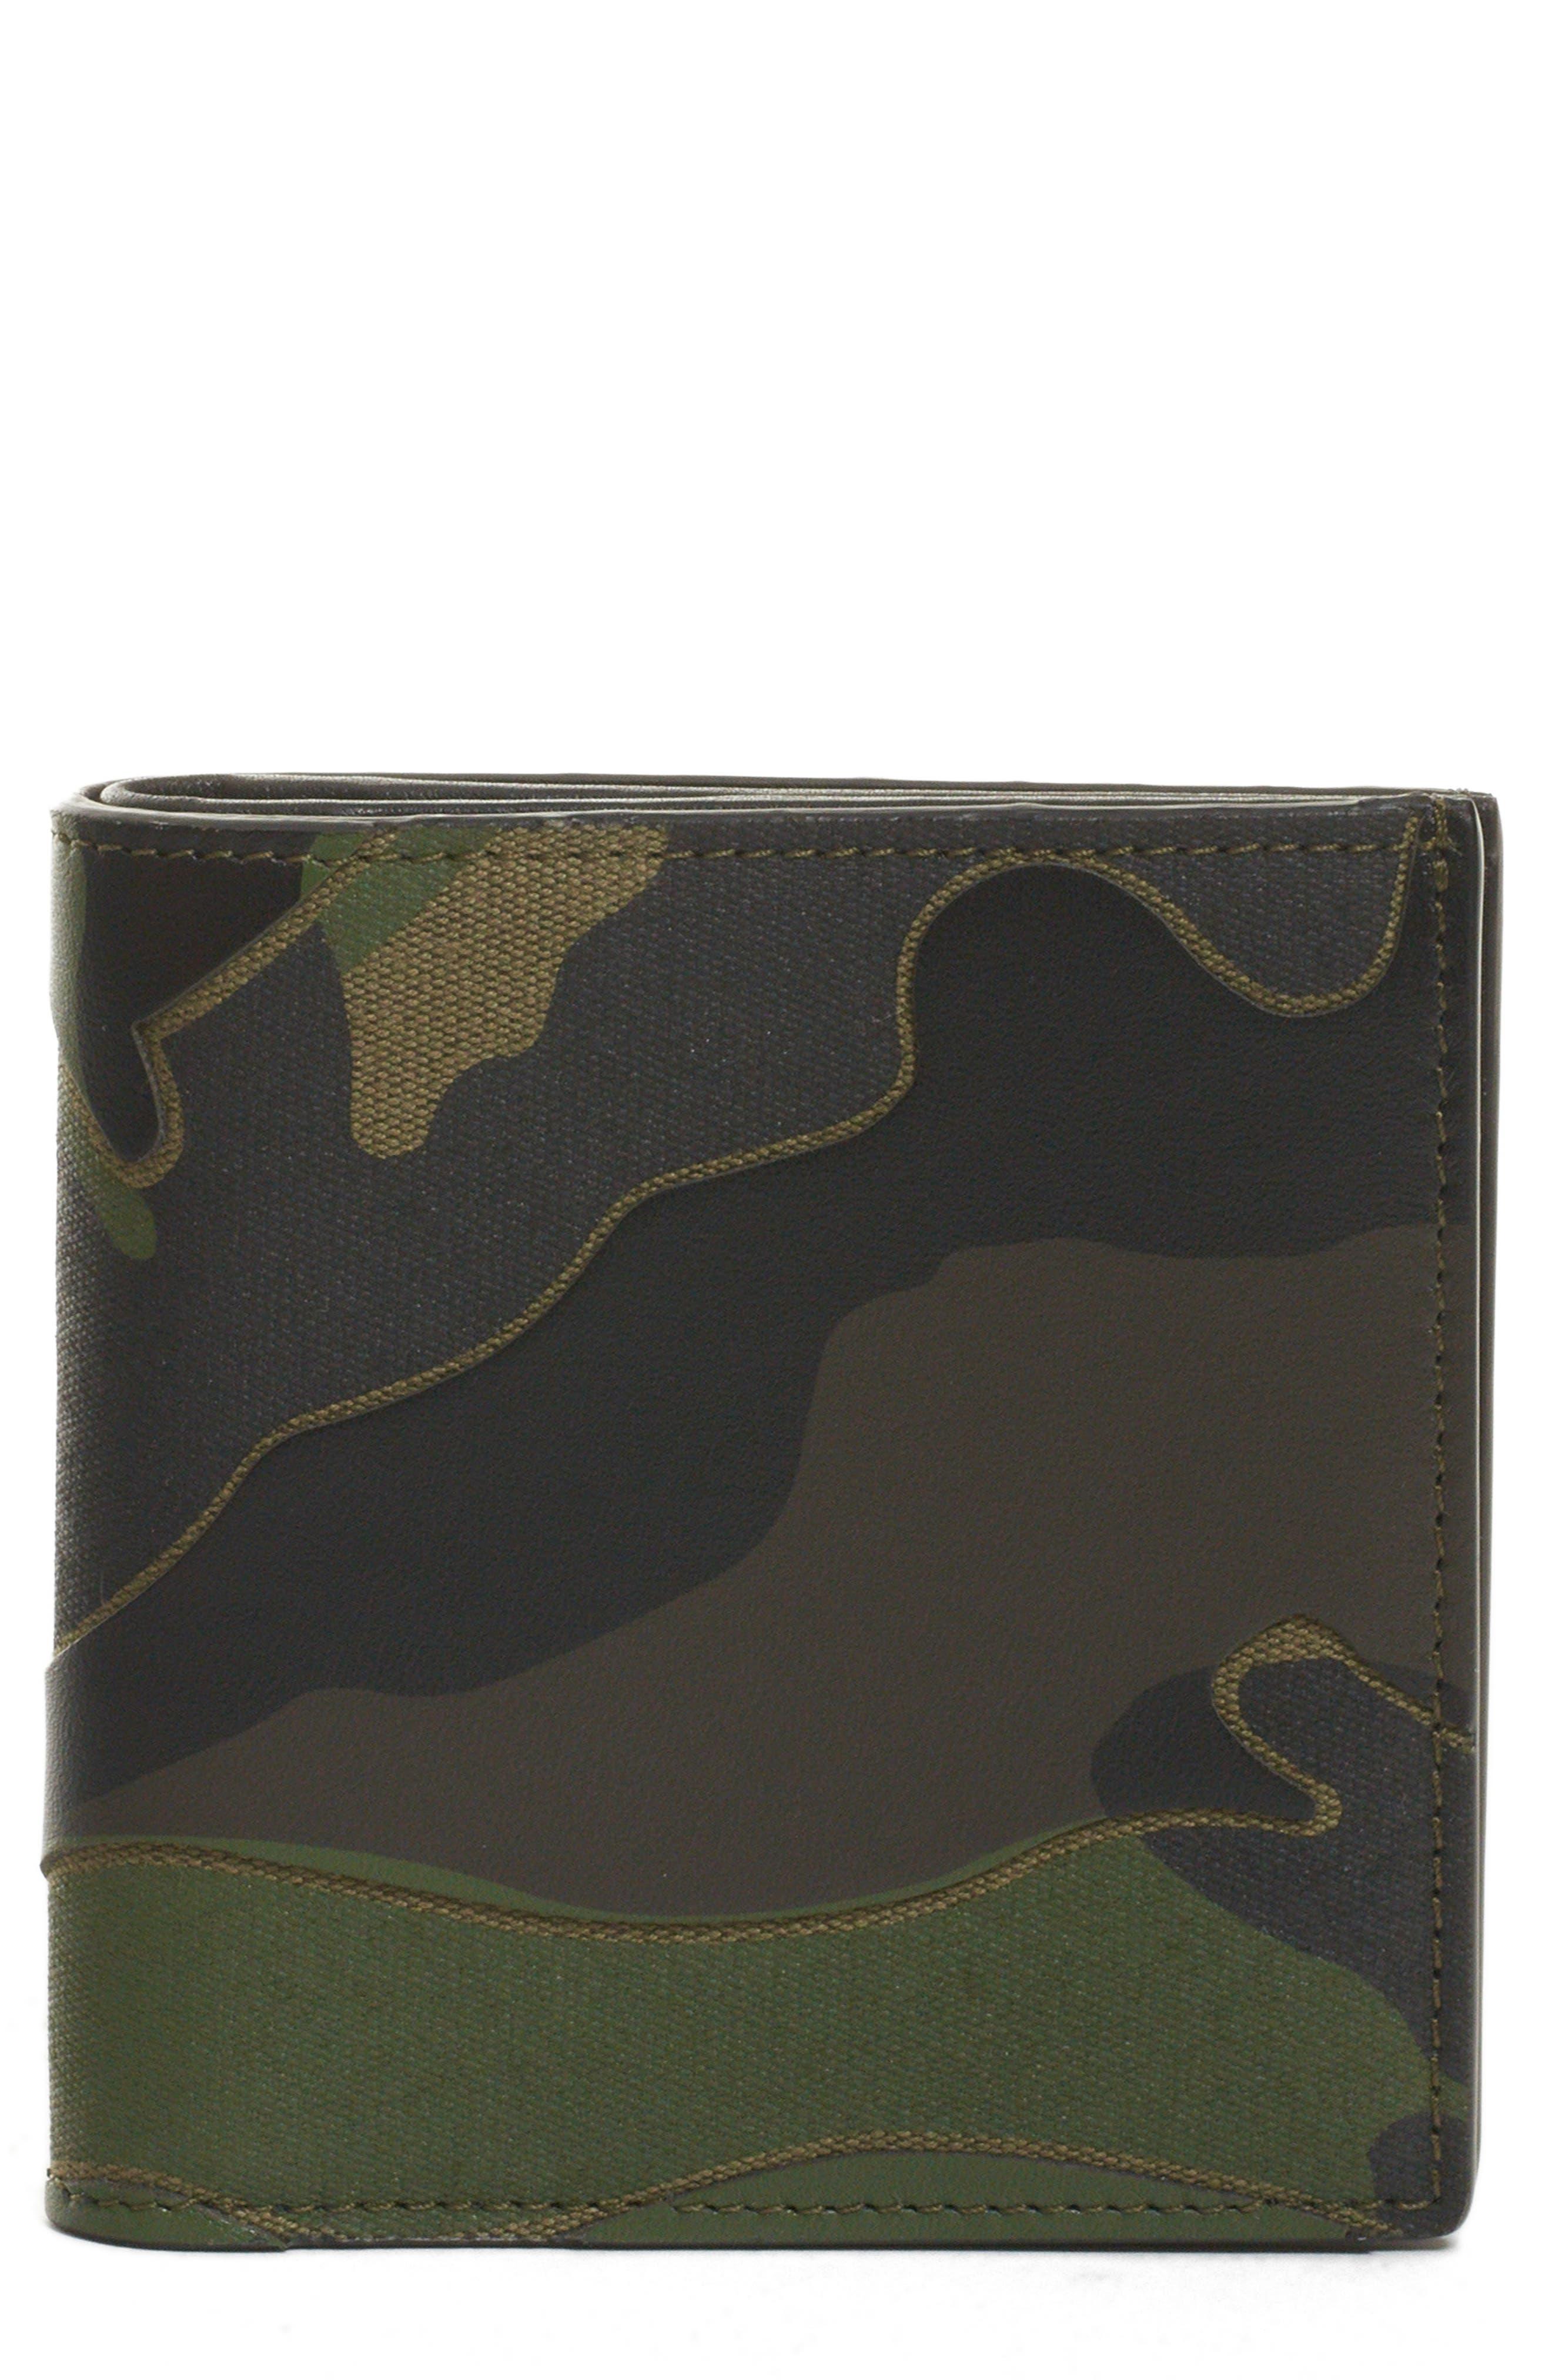 GARAVANI Camo Wallet, Main, color, CAMO ARMY